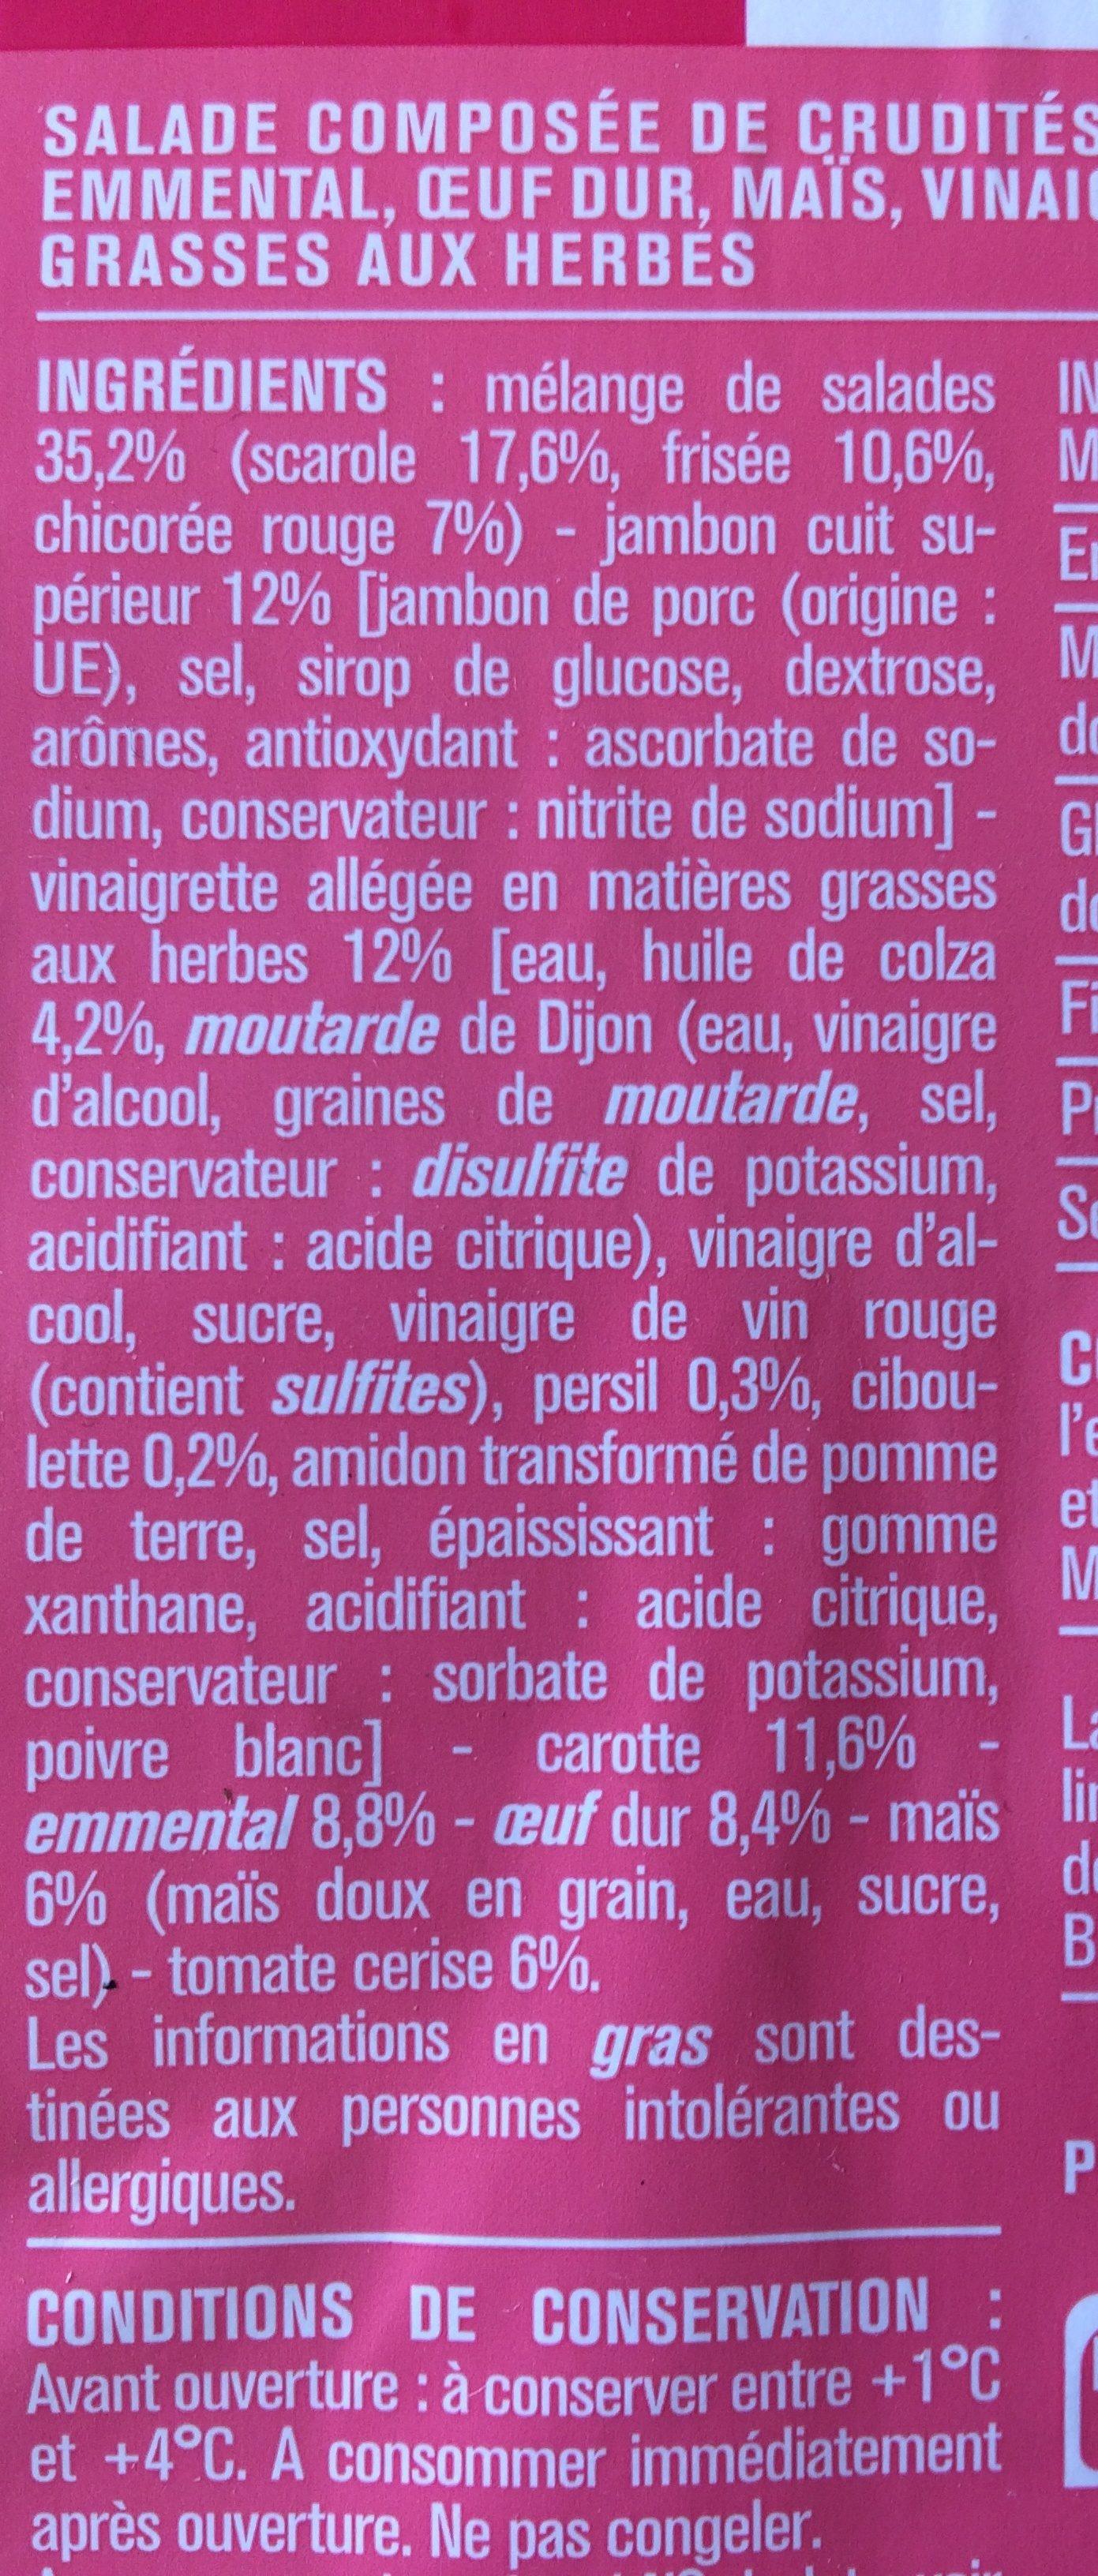 Salade jambon cuit emmental - Ingrédients - fr